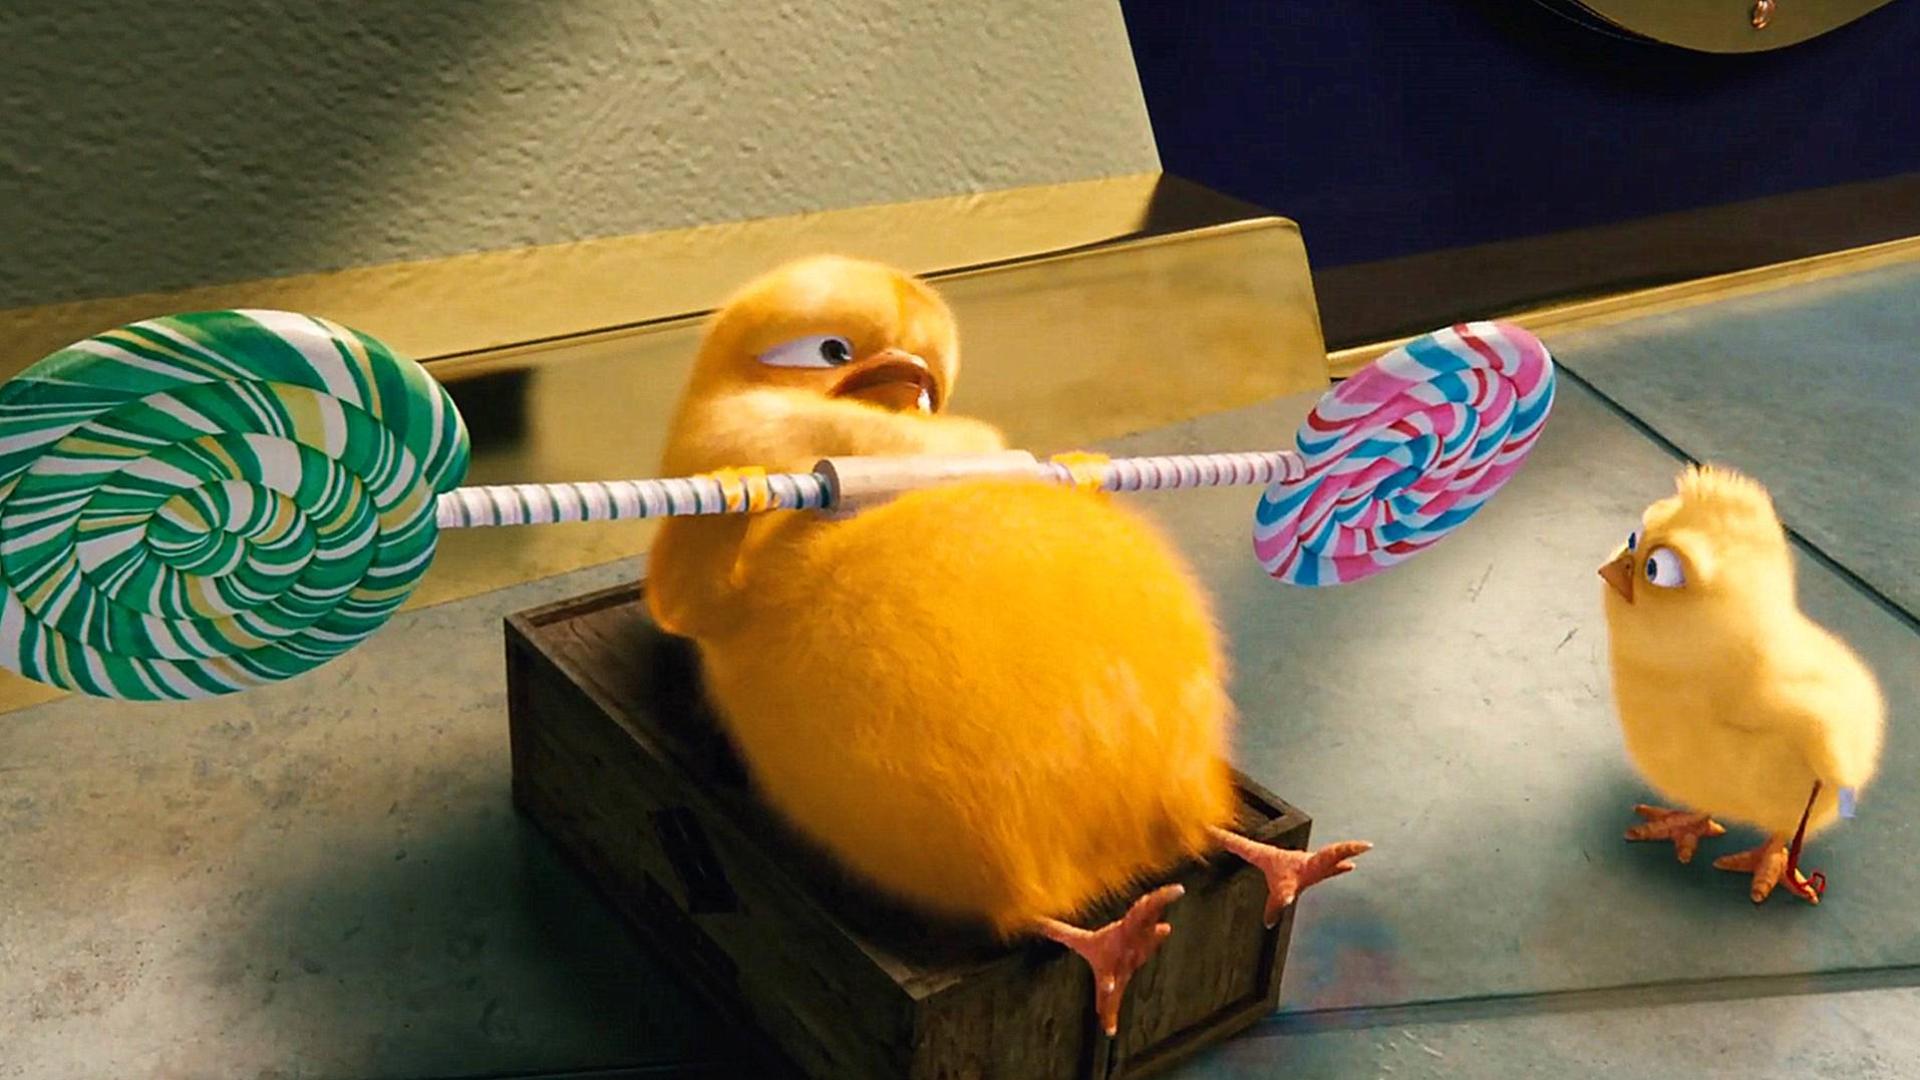 小鸡为了锻炼肌肉,开始了魔鬼健身计划,一部搞笑动物电影